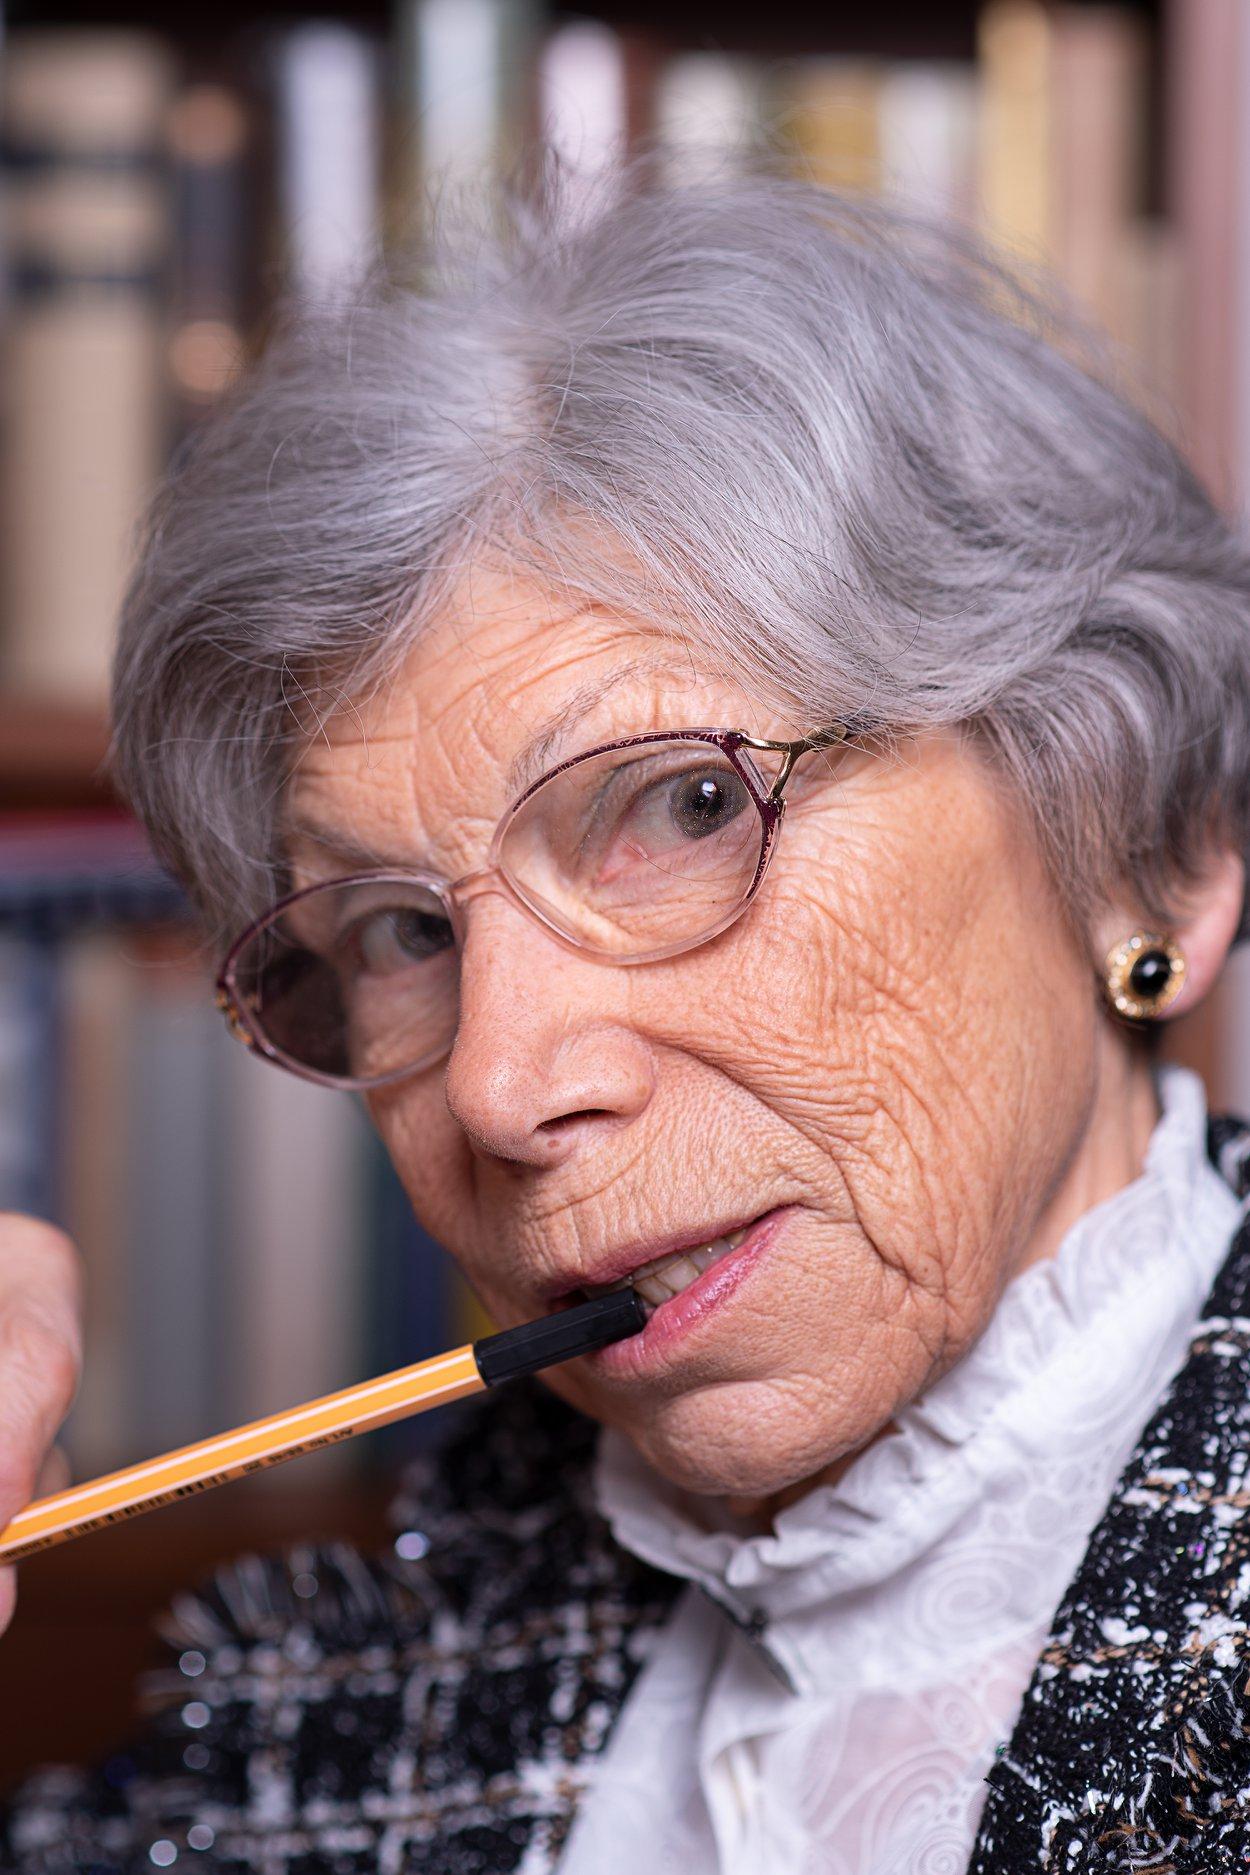 äletere Dame Portrait